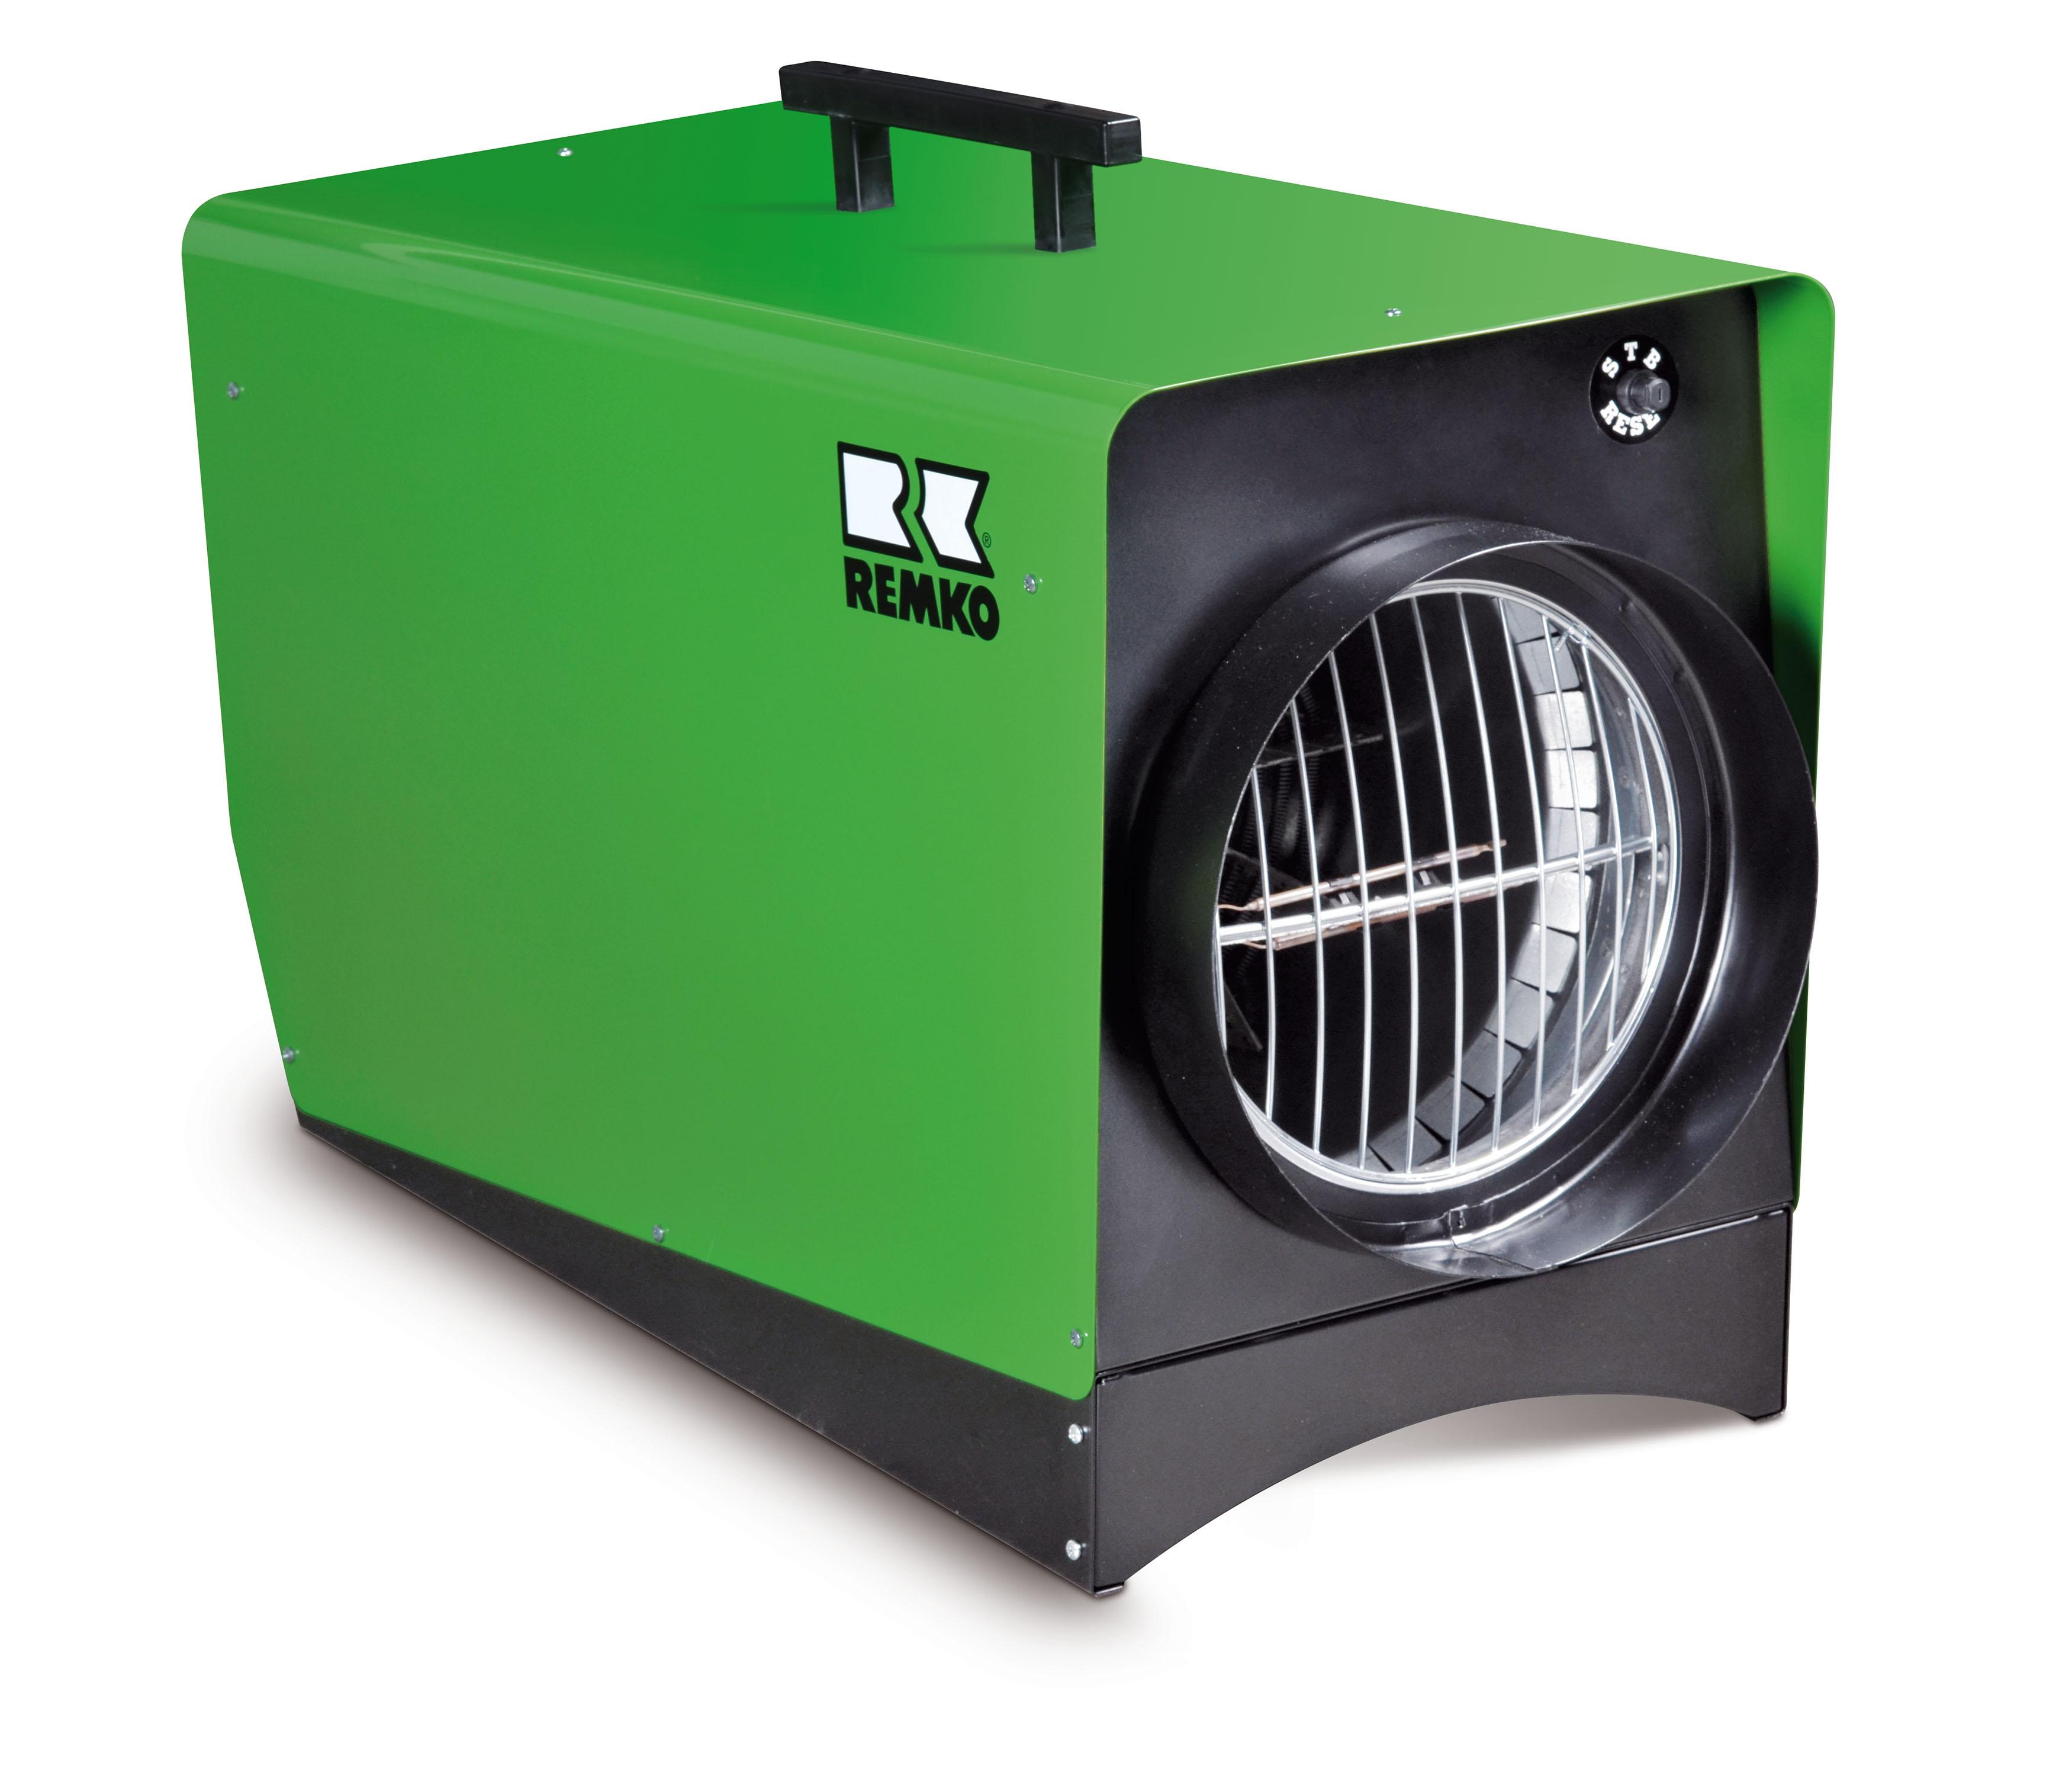 REMKO SERIE ELT HT - Elektro-Heizgerät für besonders hohe Temperaturen